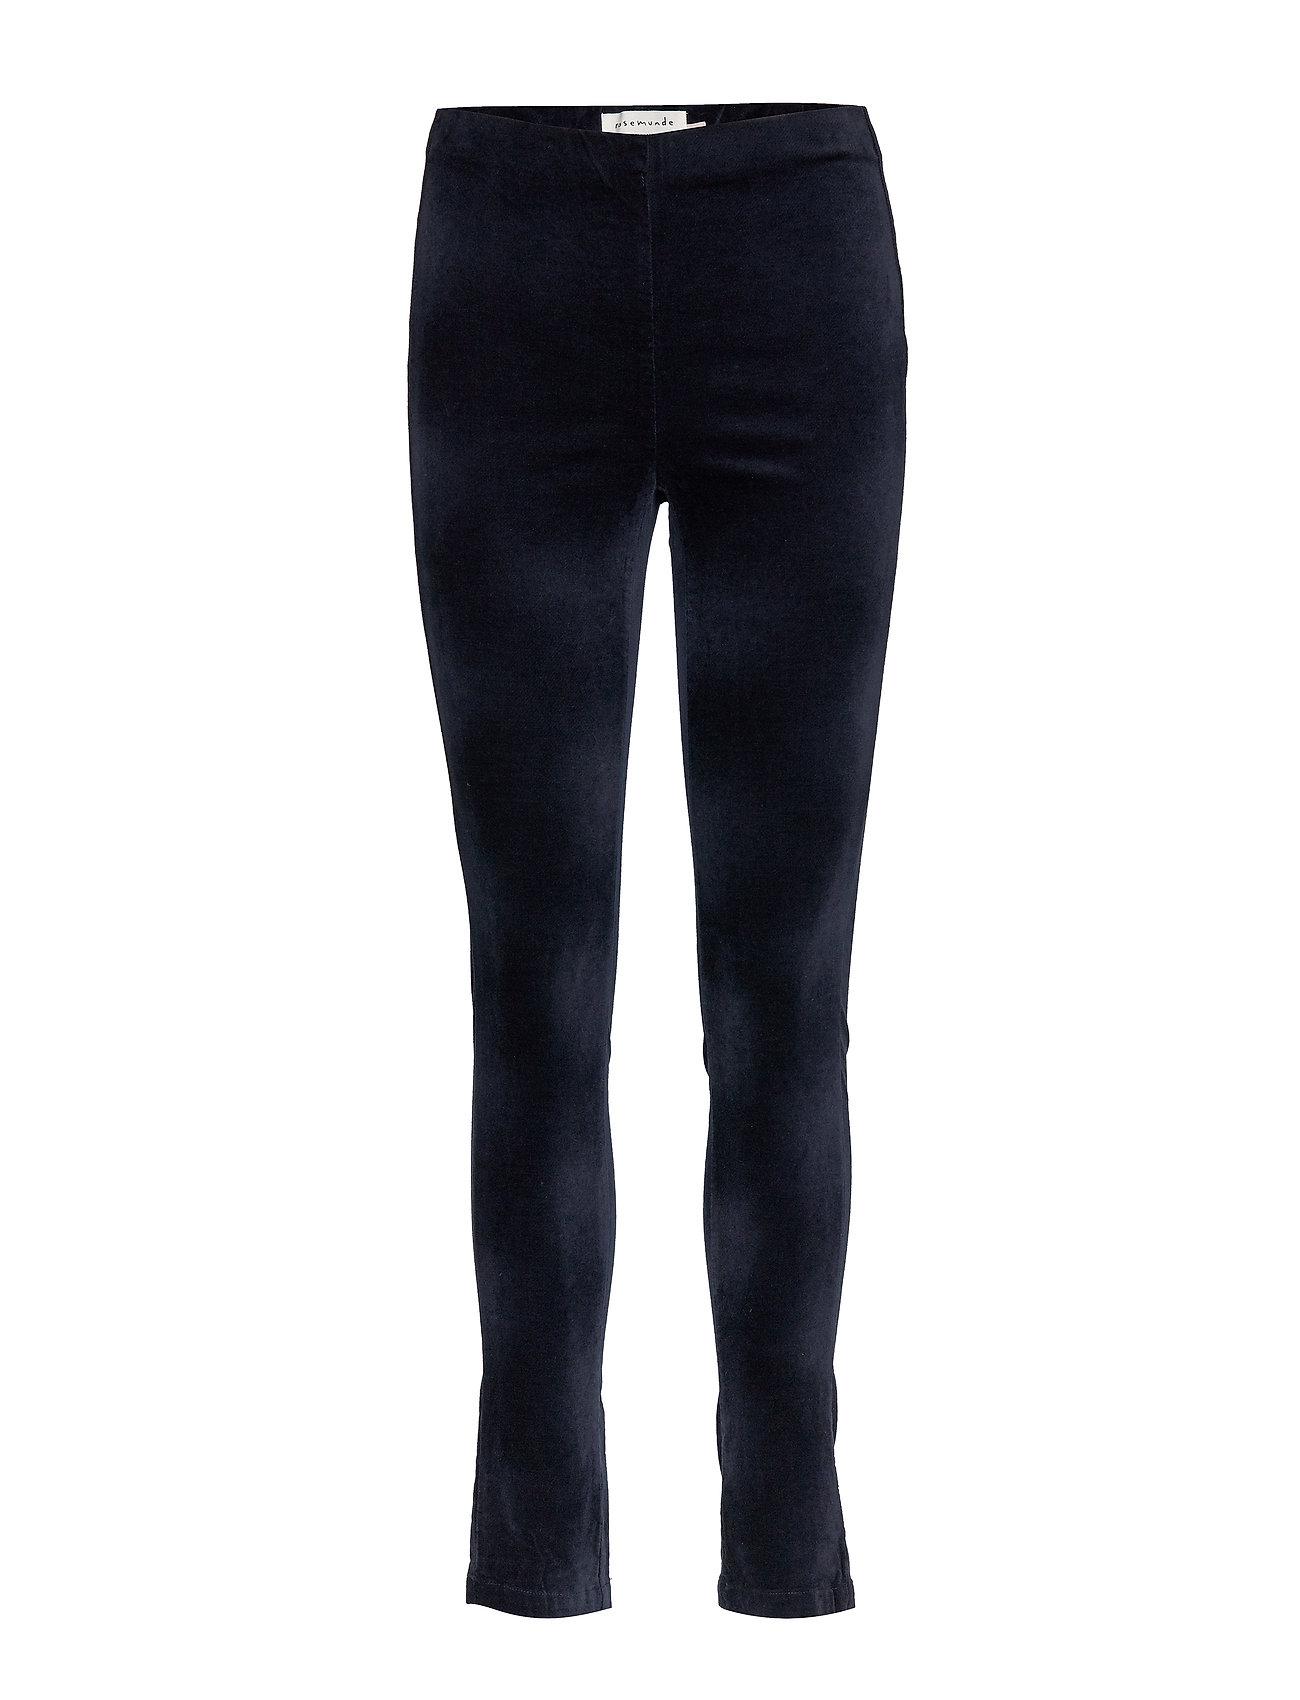 Rosemunde Trousers (Dark Blue), 349.50